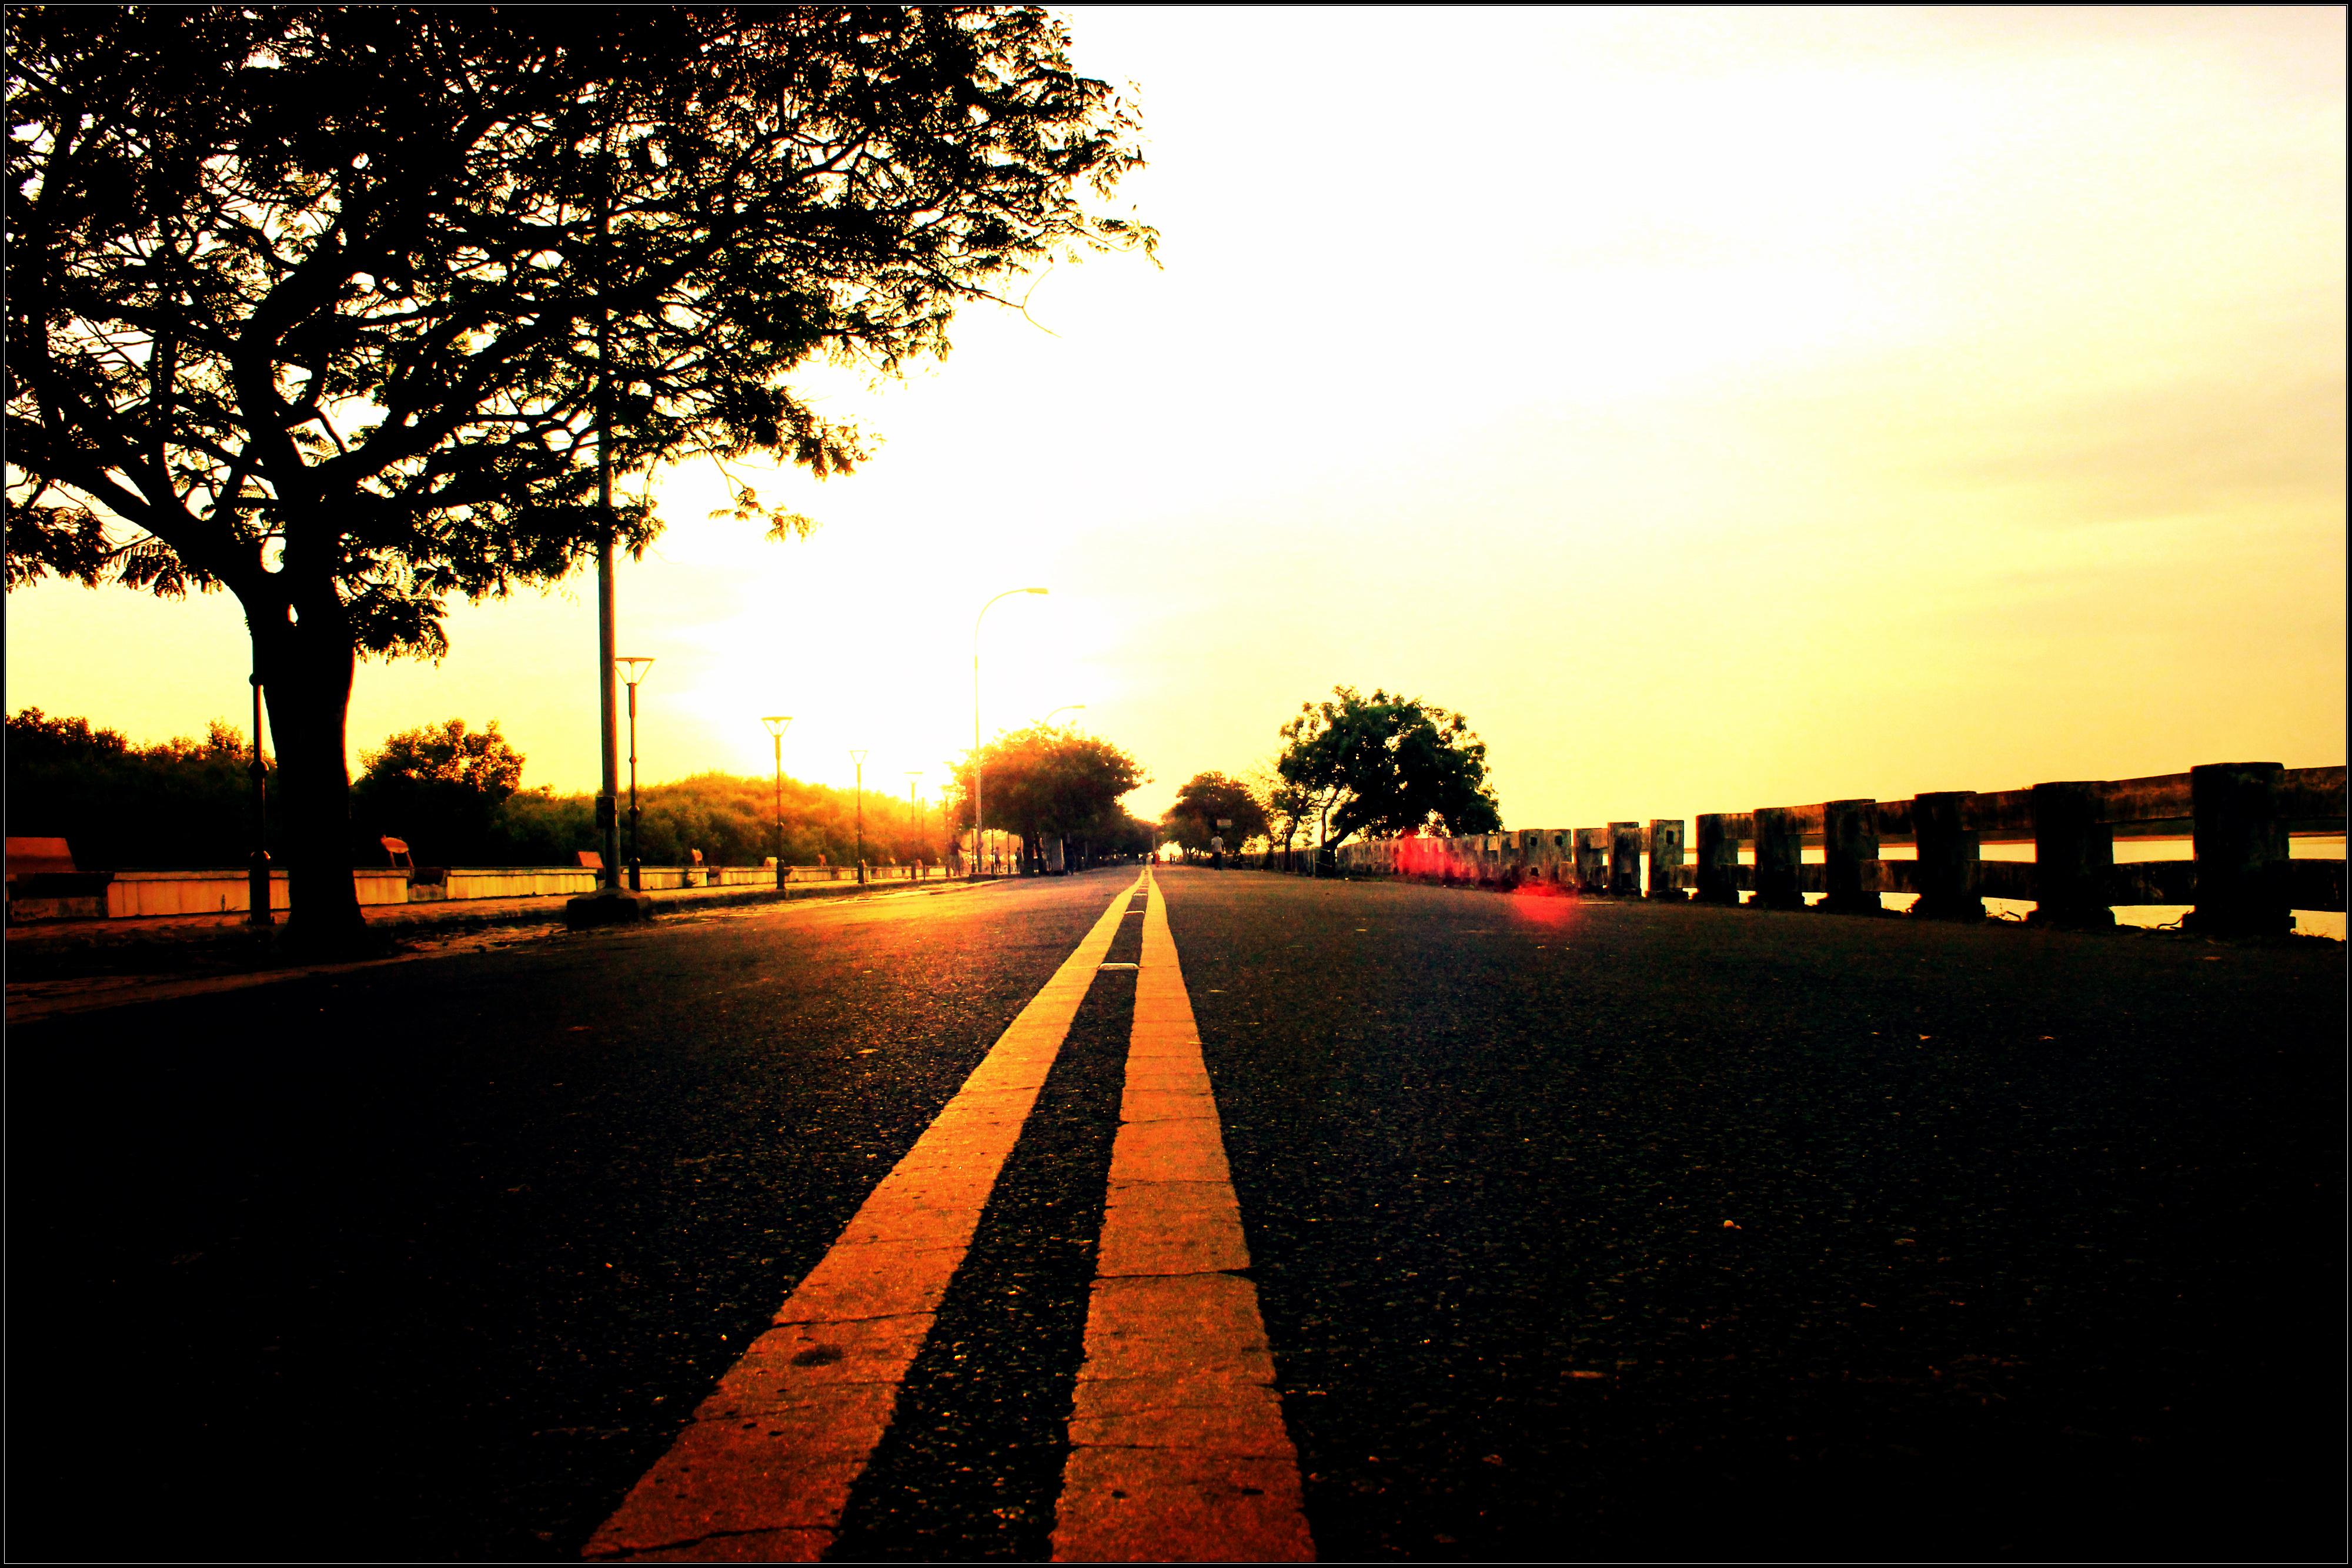 File:Lovely sun rise in karaikal beach road.jpg